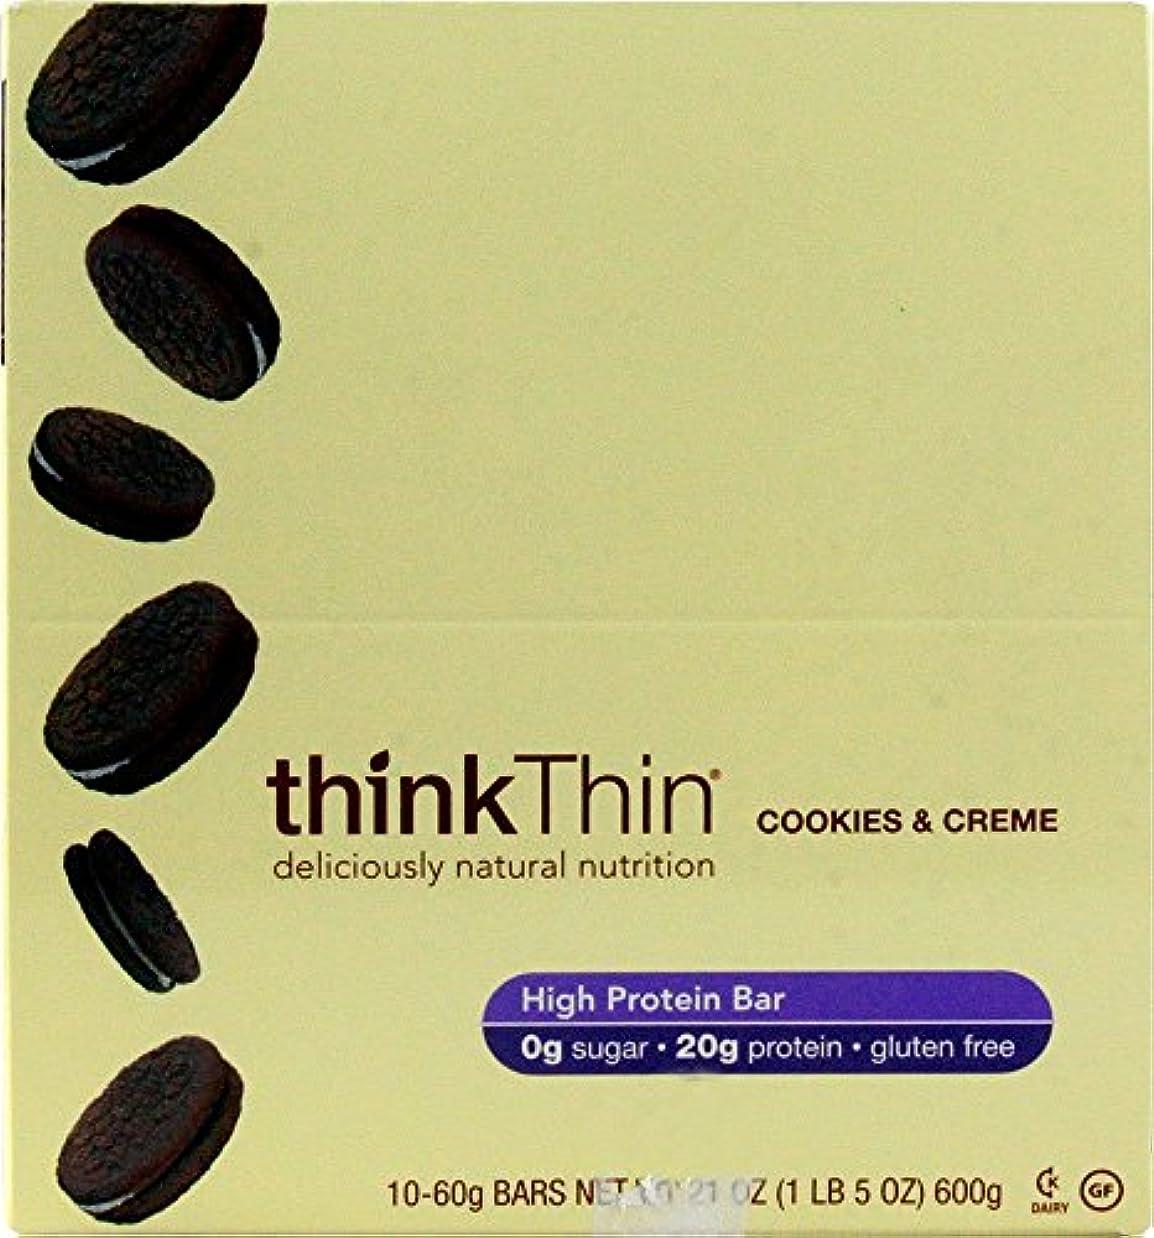 影響力のある修士号浸したTHINK THIN社 シンクシンバー クッキー&クリーム 10本